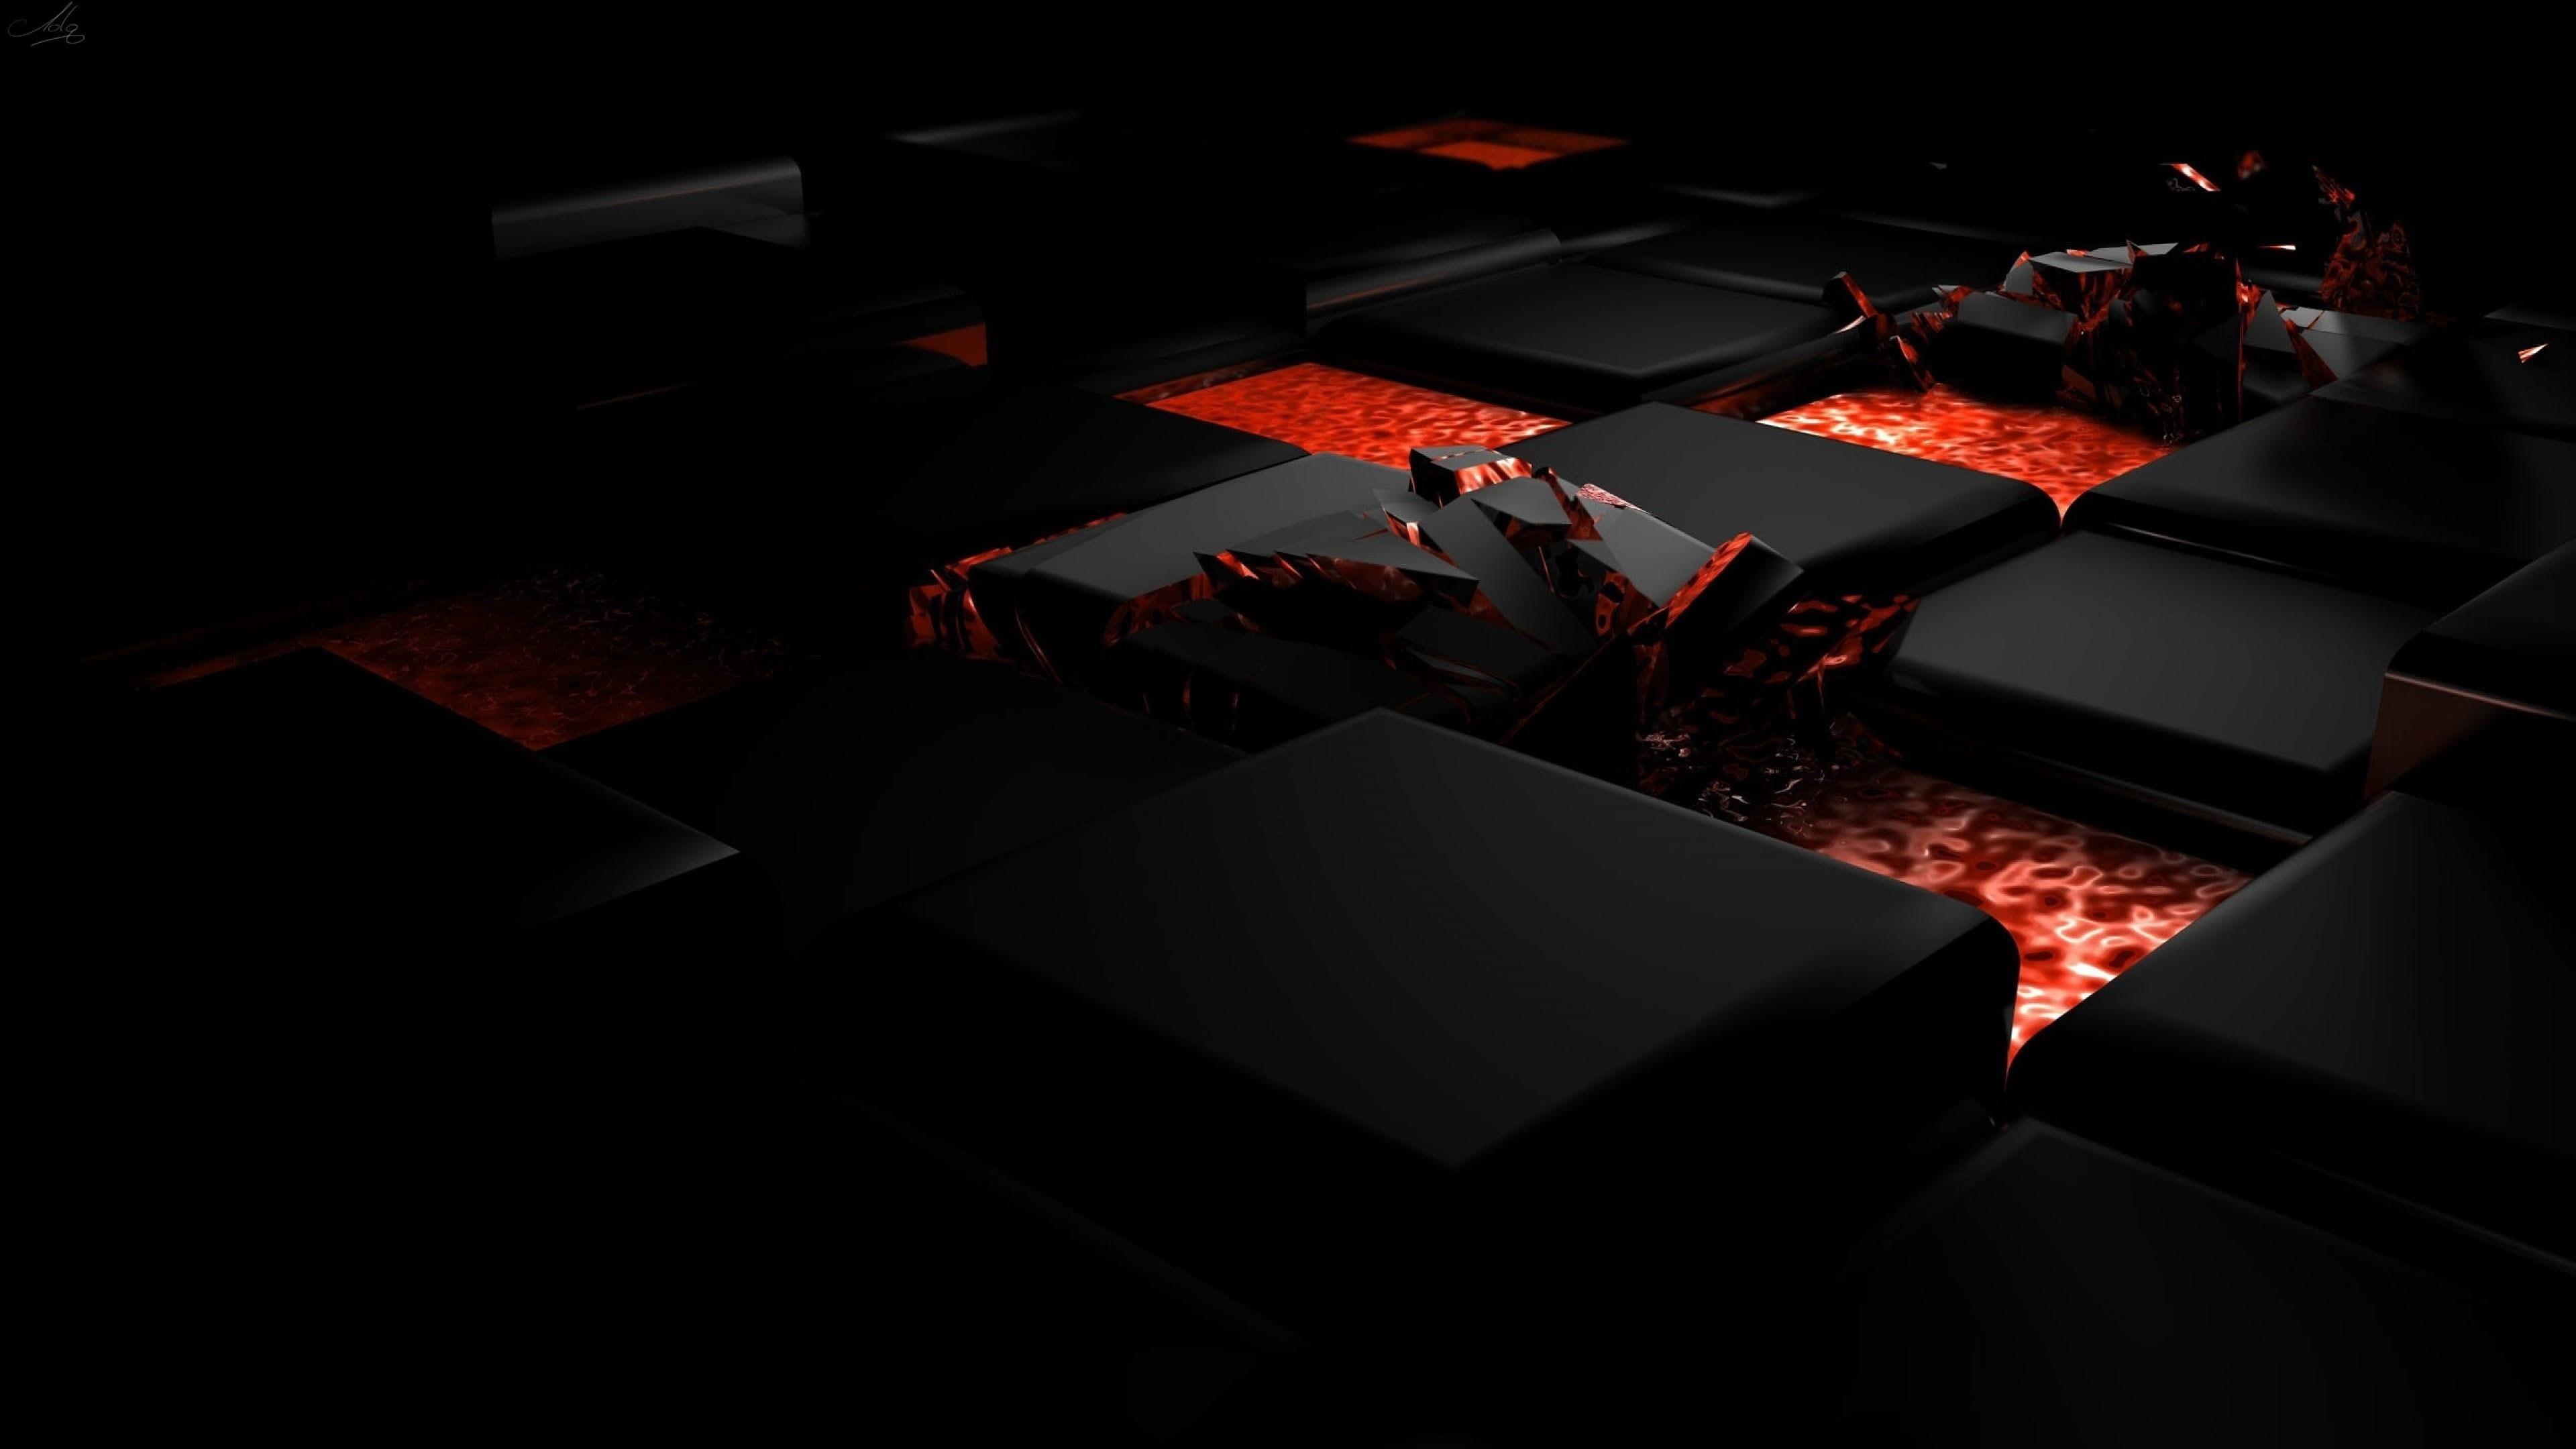 Black 3d Block Red 4k Wallpaper Hdwallpaper Desktop In 2020 Desktop Wallpapers Backgrounds Wallpaper Pc 3d Desktop Wallpaper